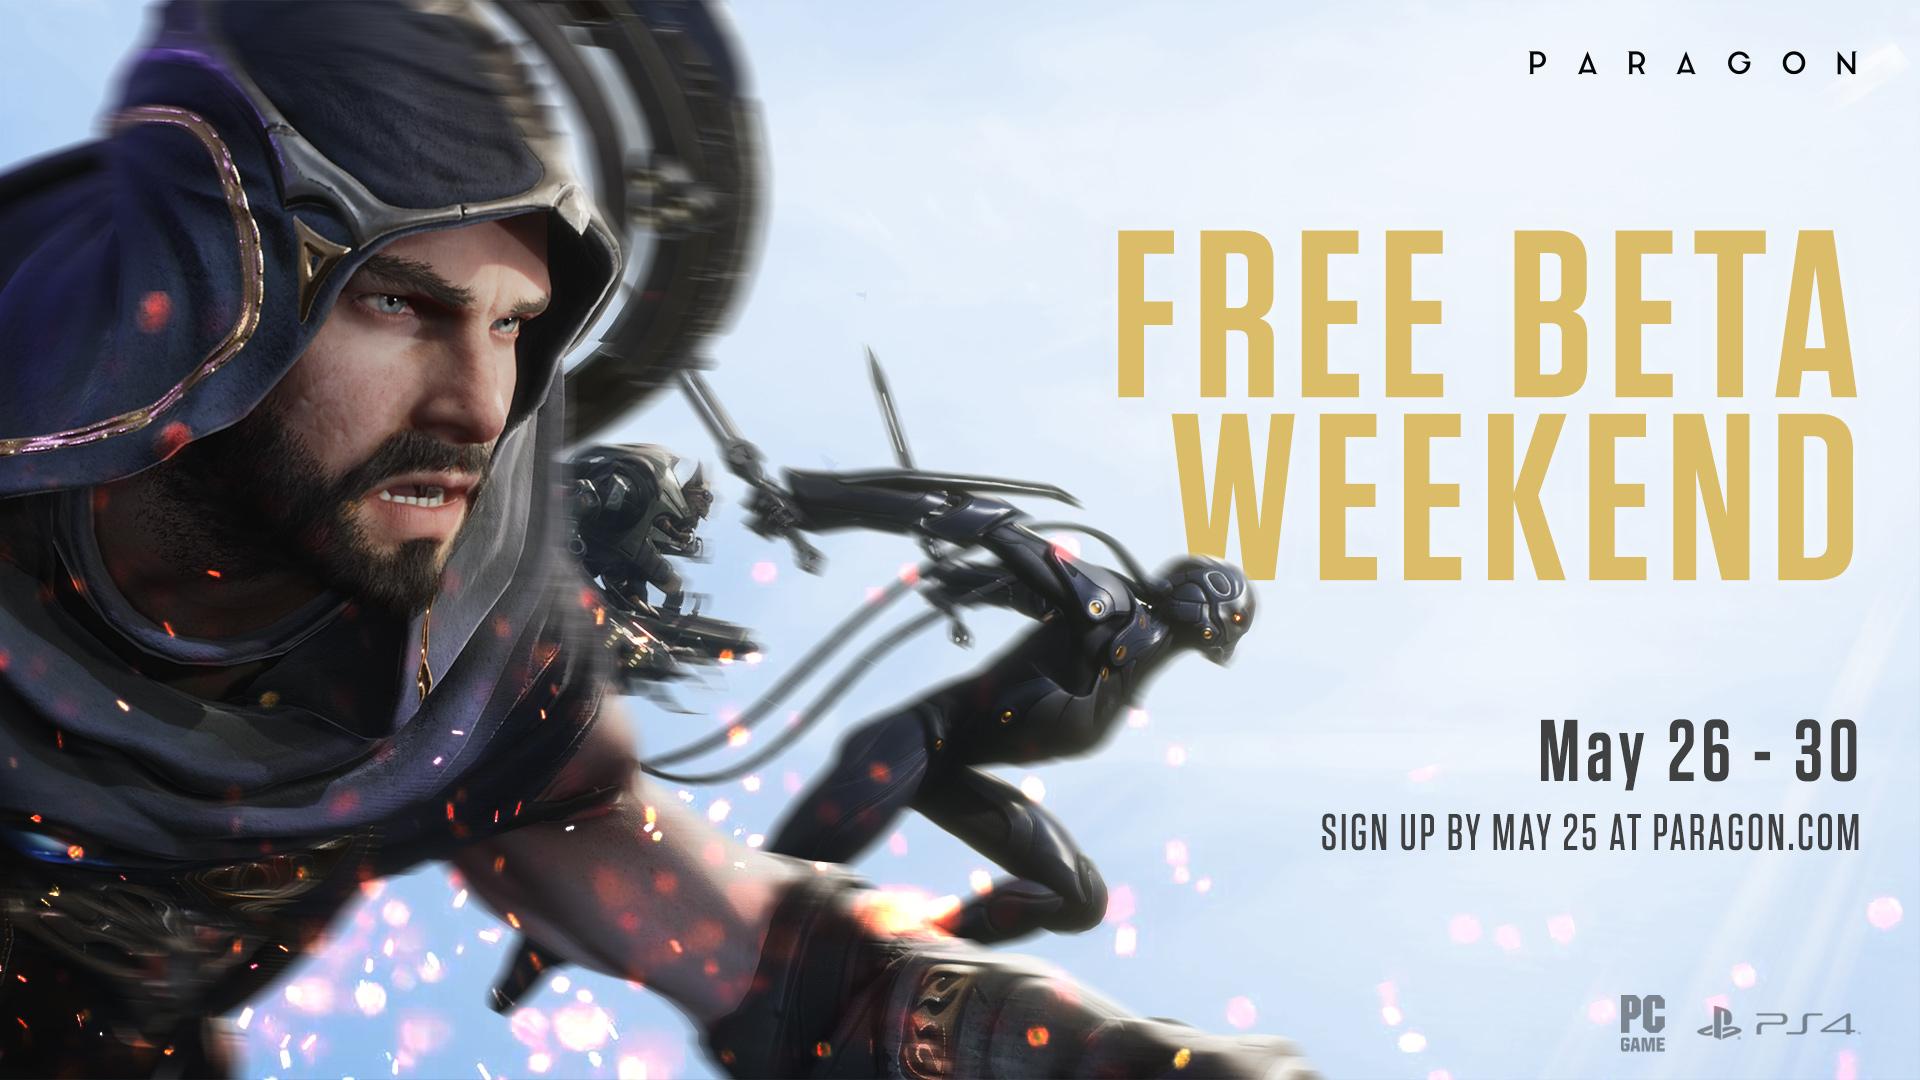 Paragon: Kostenloses Beta-Wochenende (PC / PlayStation 4) - vom 26. bis zum 30. Mai